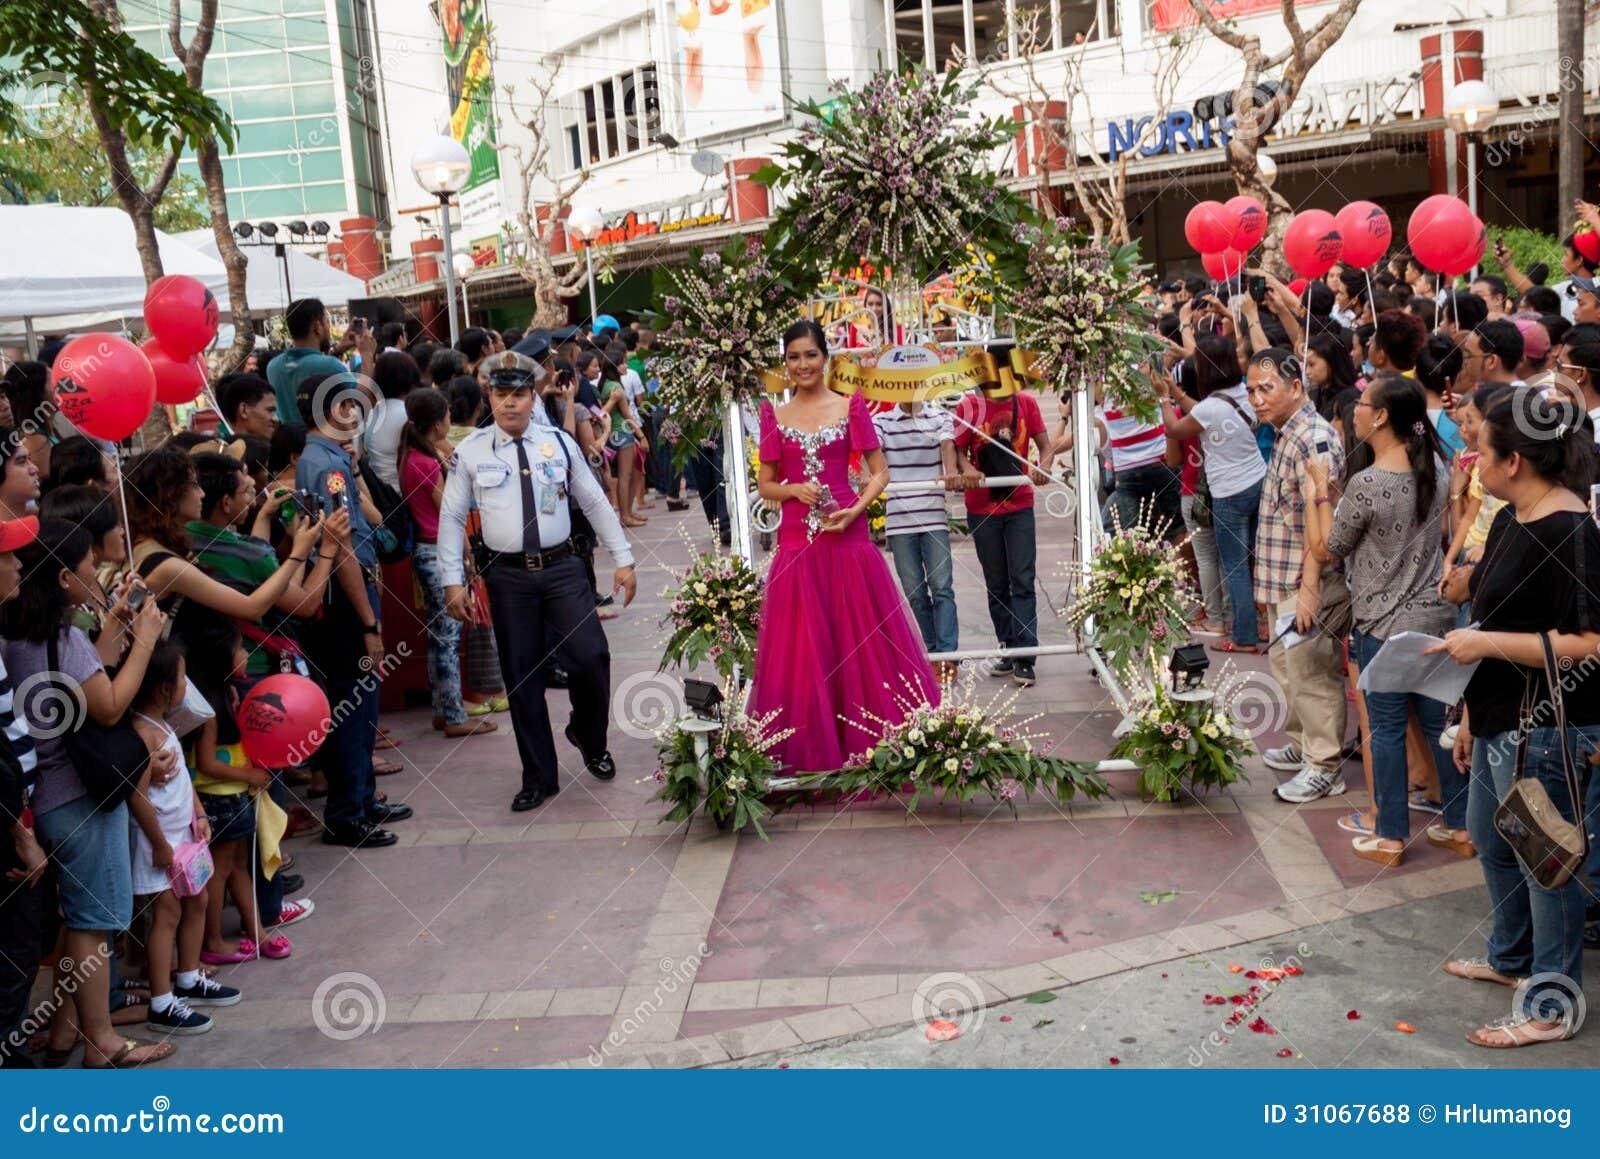 Brakuje Filipiny, Binibining Pilipinas łączy Santacruzan w Manila